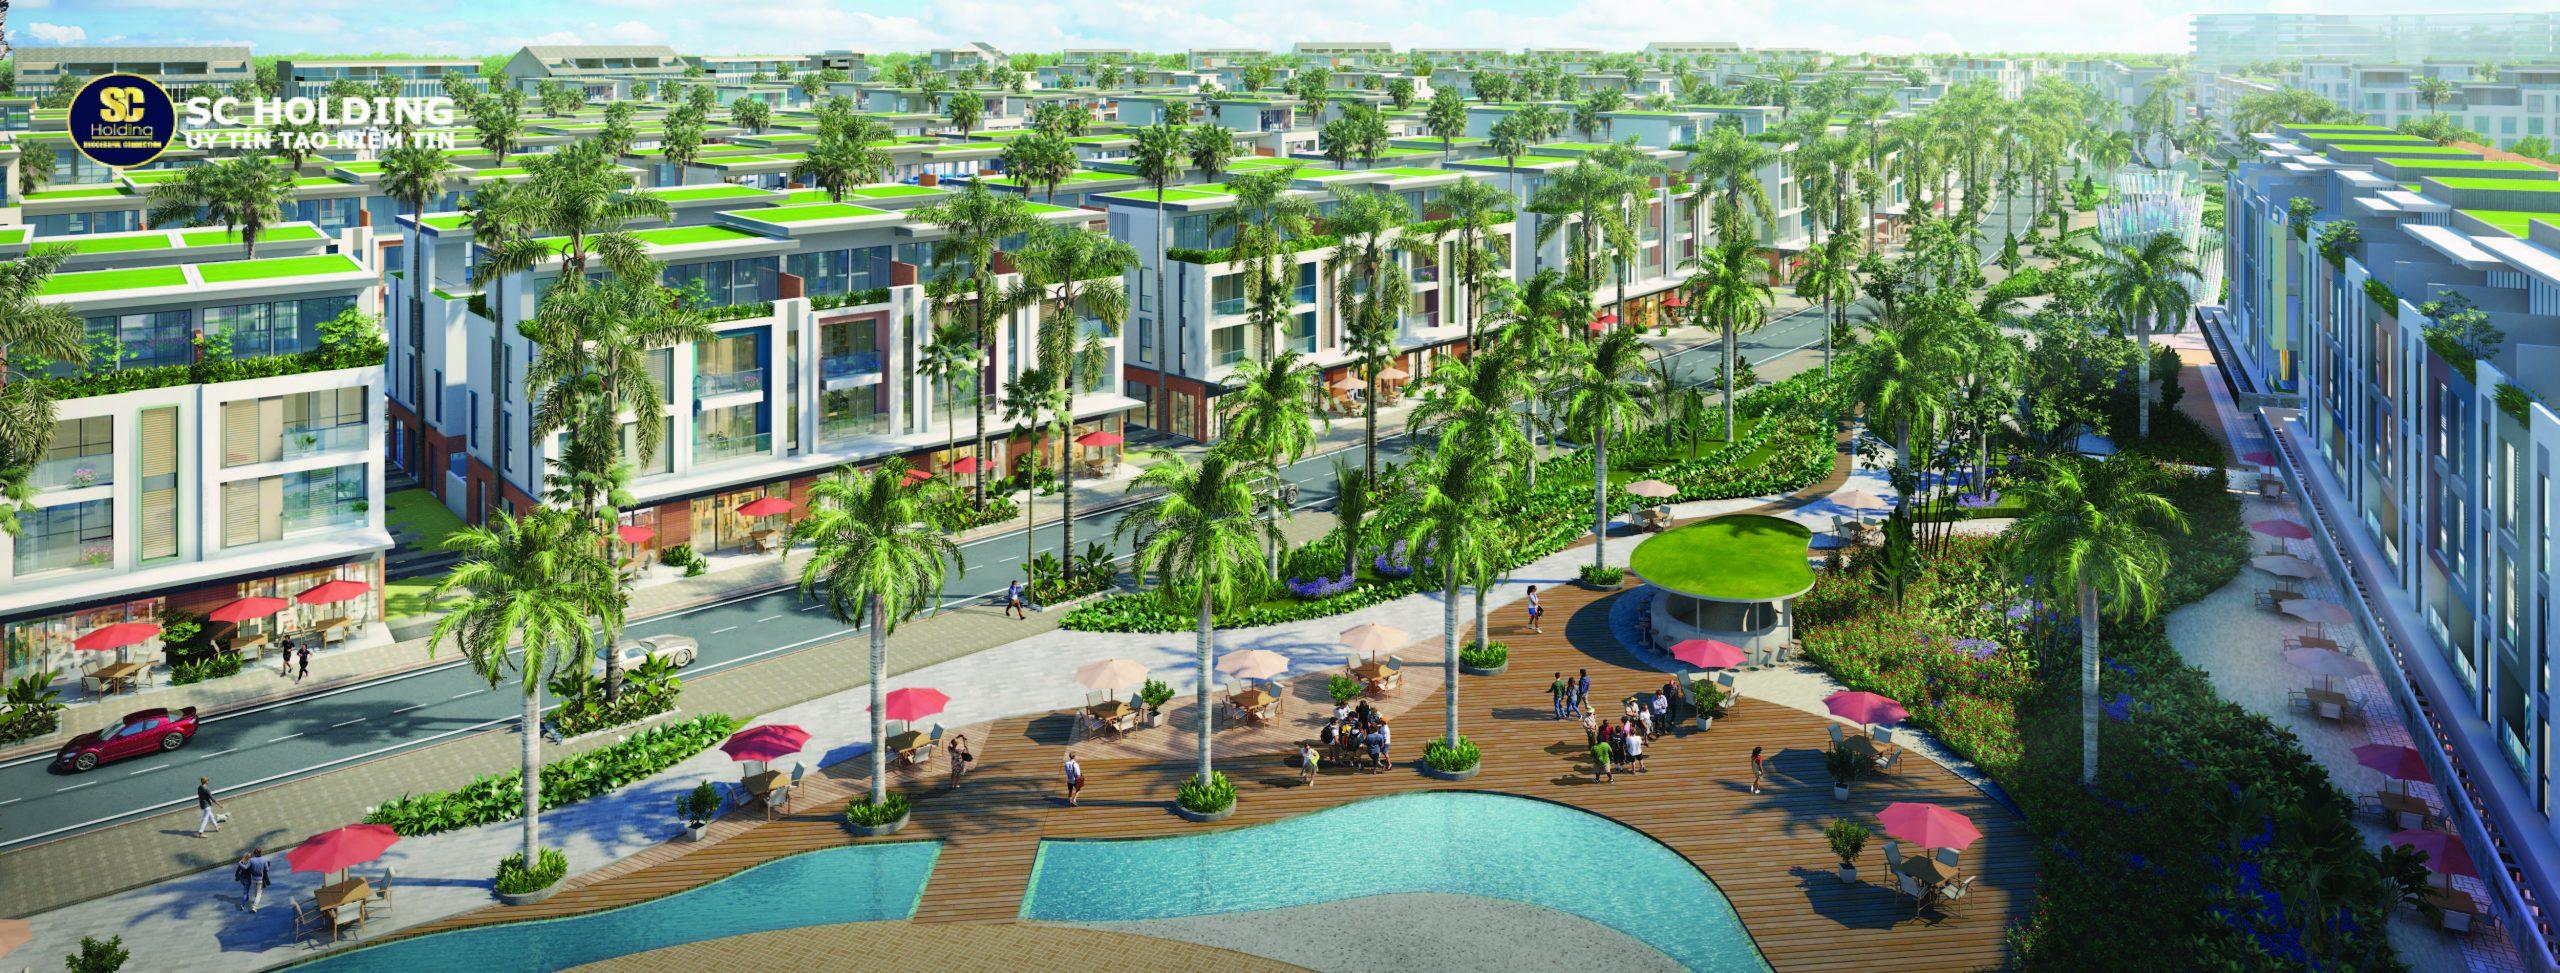 Bất động sản Đảo Ngọc với hàng loạt chính sách mở đường cho cất cánh